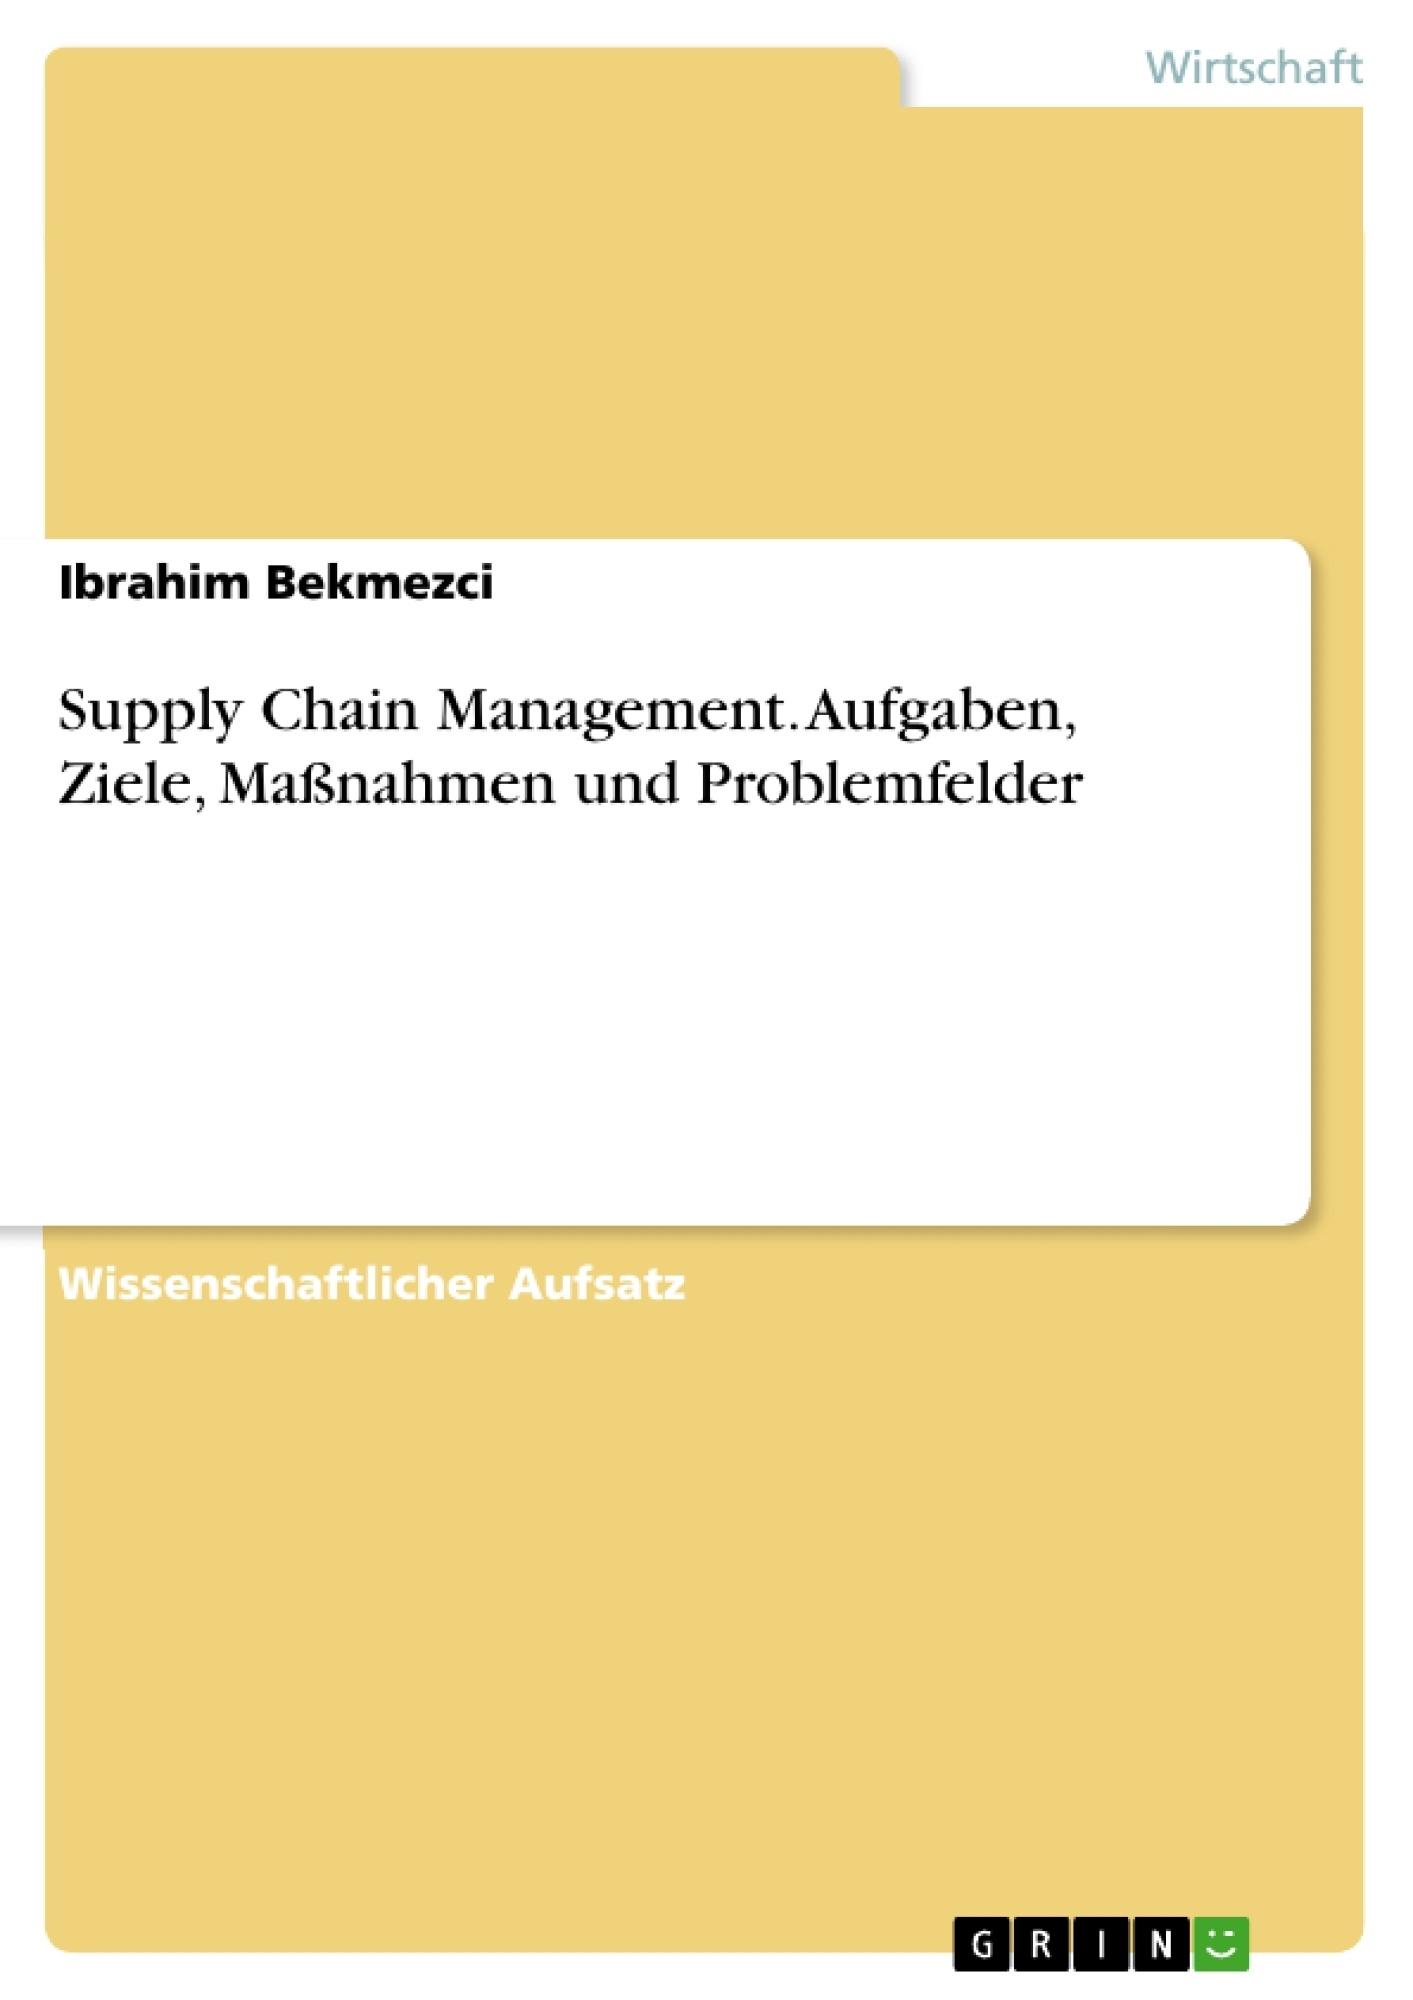 Titel: Supply Chain Management. Aufgaben, Ziele, Maßnahmen und Problemfelder